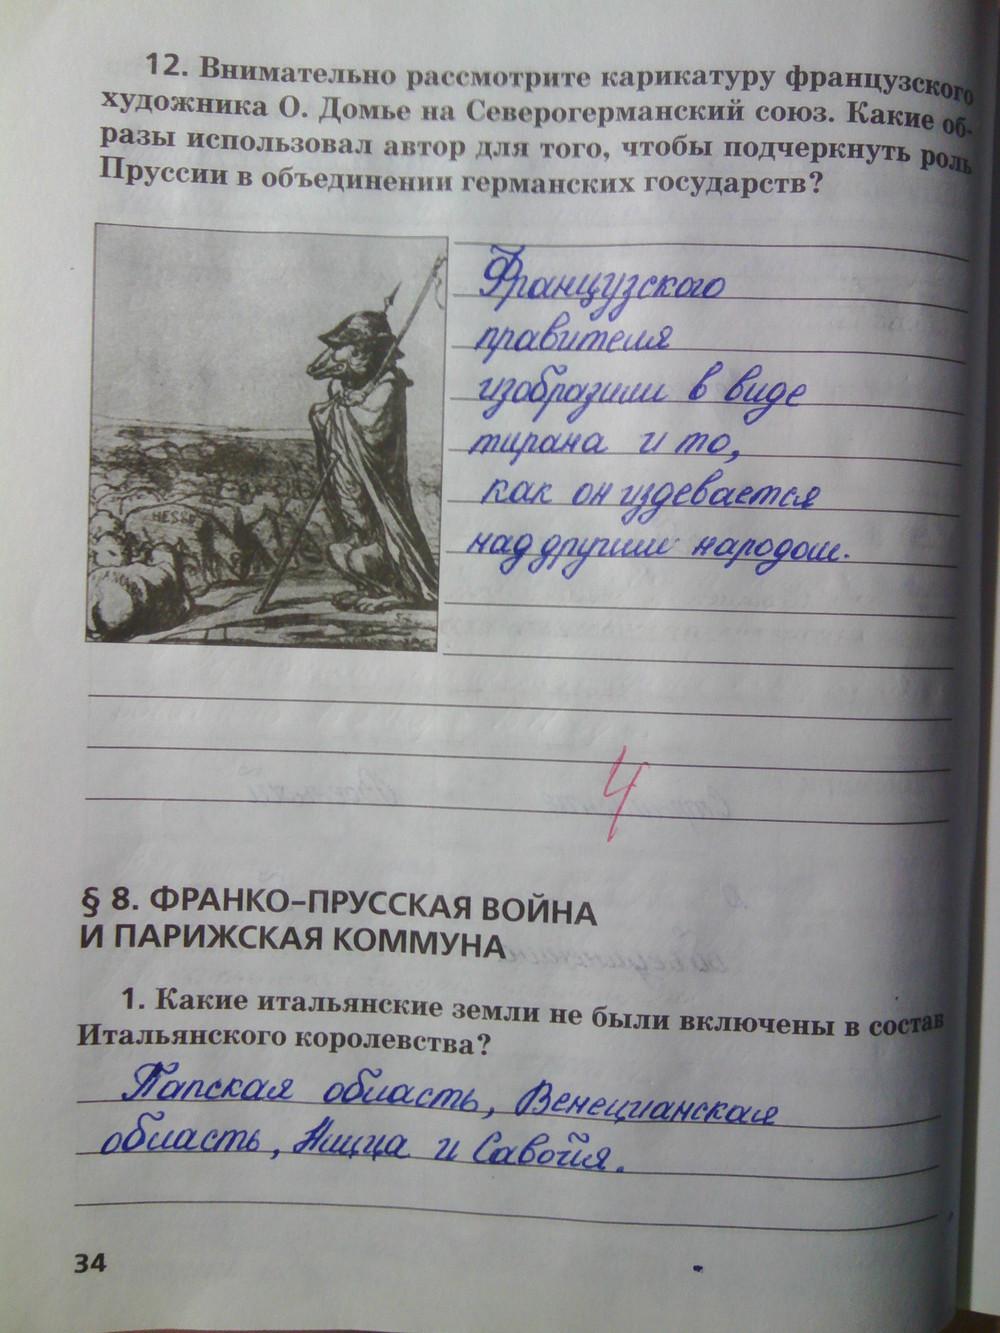 Н. загладина гдз класс 11 в. учебнику к